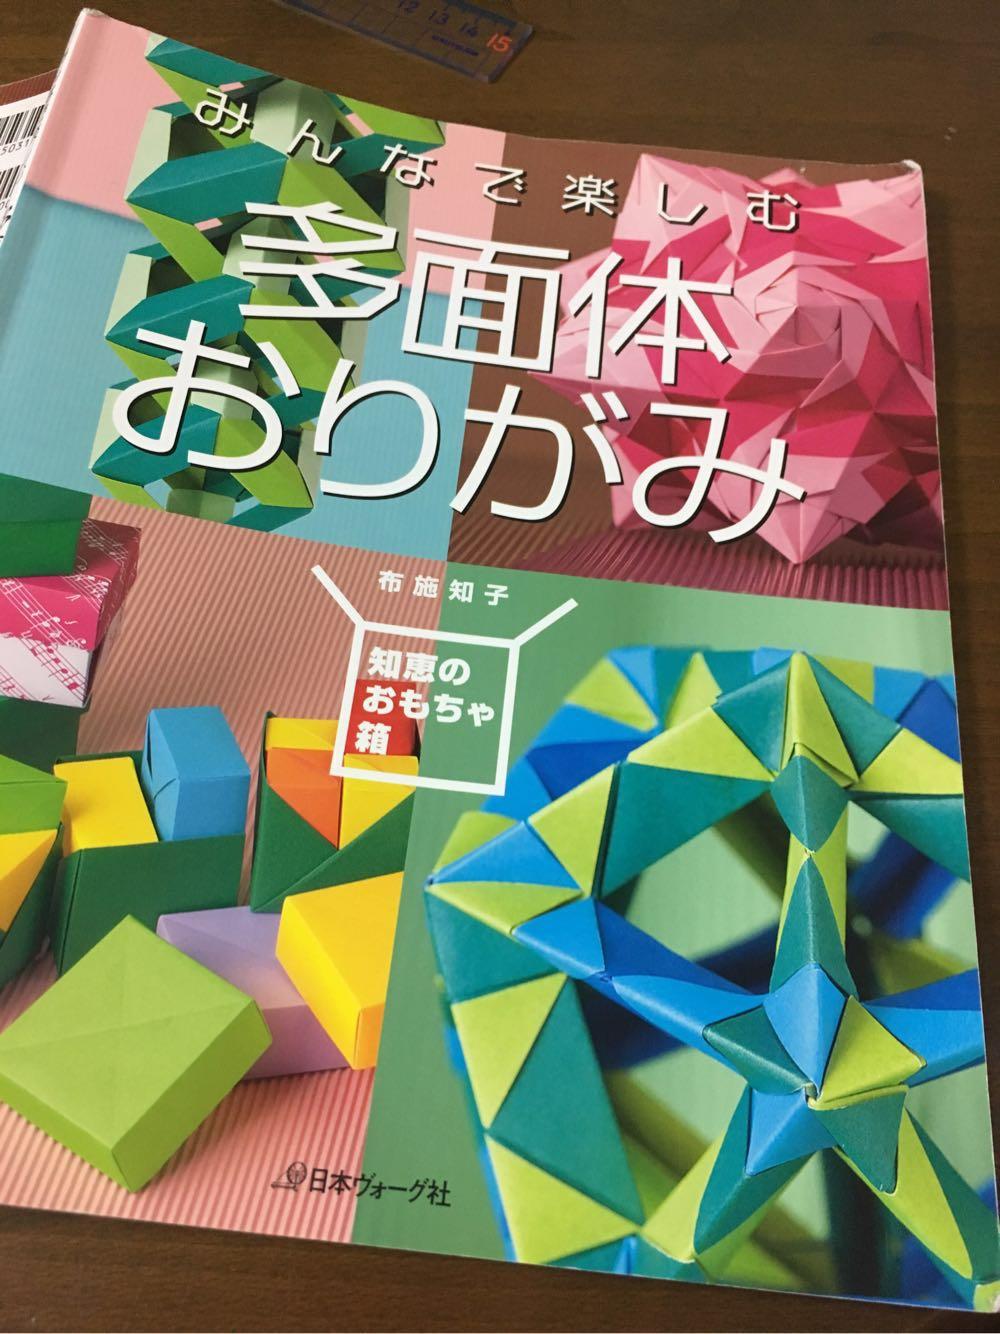 多面体折り紙に挑戦していました。